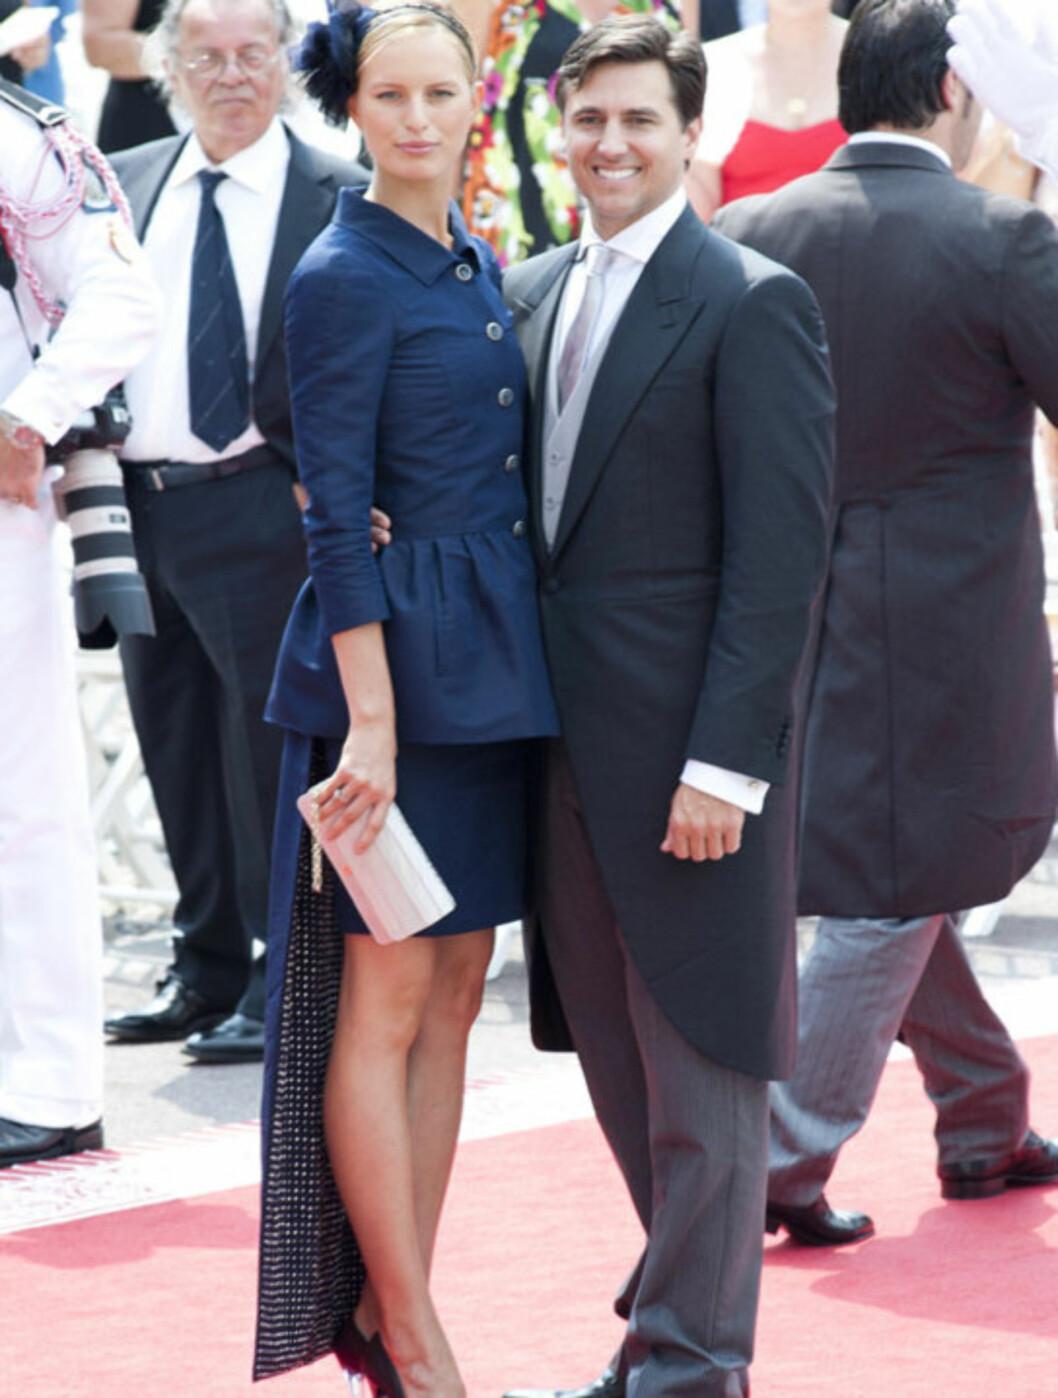 <strong>BRYLLUPSGJEST:</strong> Karolina Kurkova skal ha vært en av gjestene i et celebert bryllup på Capri denne helgen. Også forrige helg var hun og Archie Drury (t.h) i bryllup - til fyrst Albert og Charlene Wittstock i Monaco.  Foto: Stella  Pictures